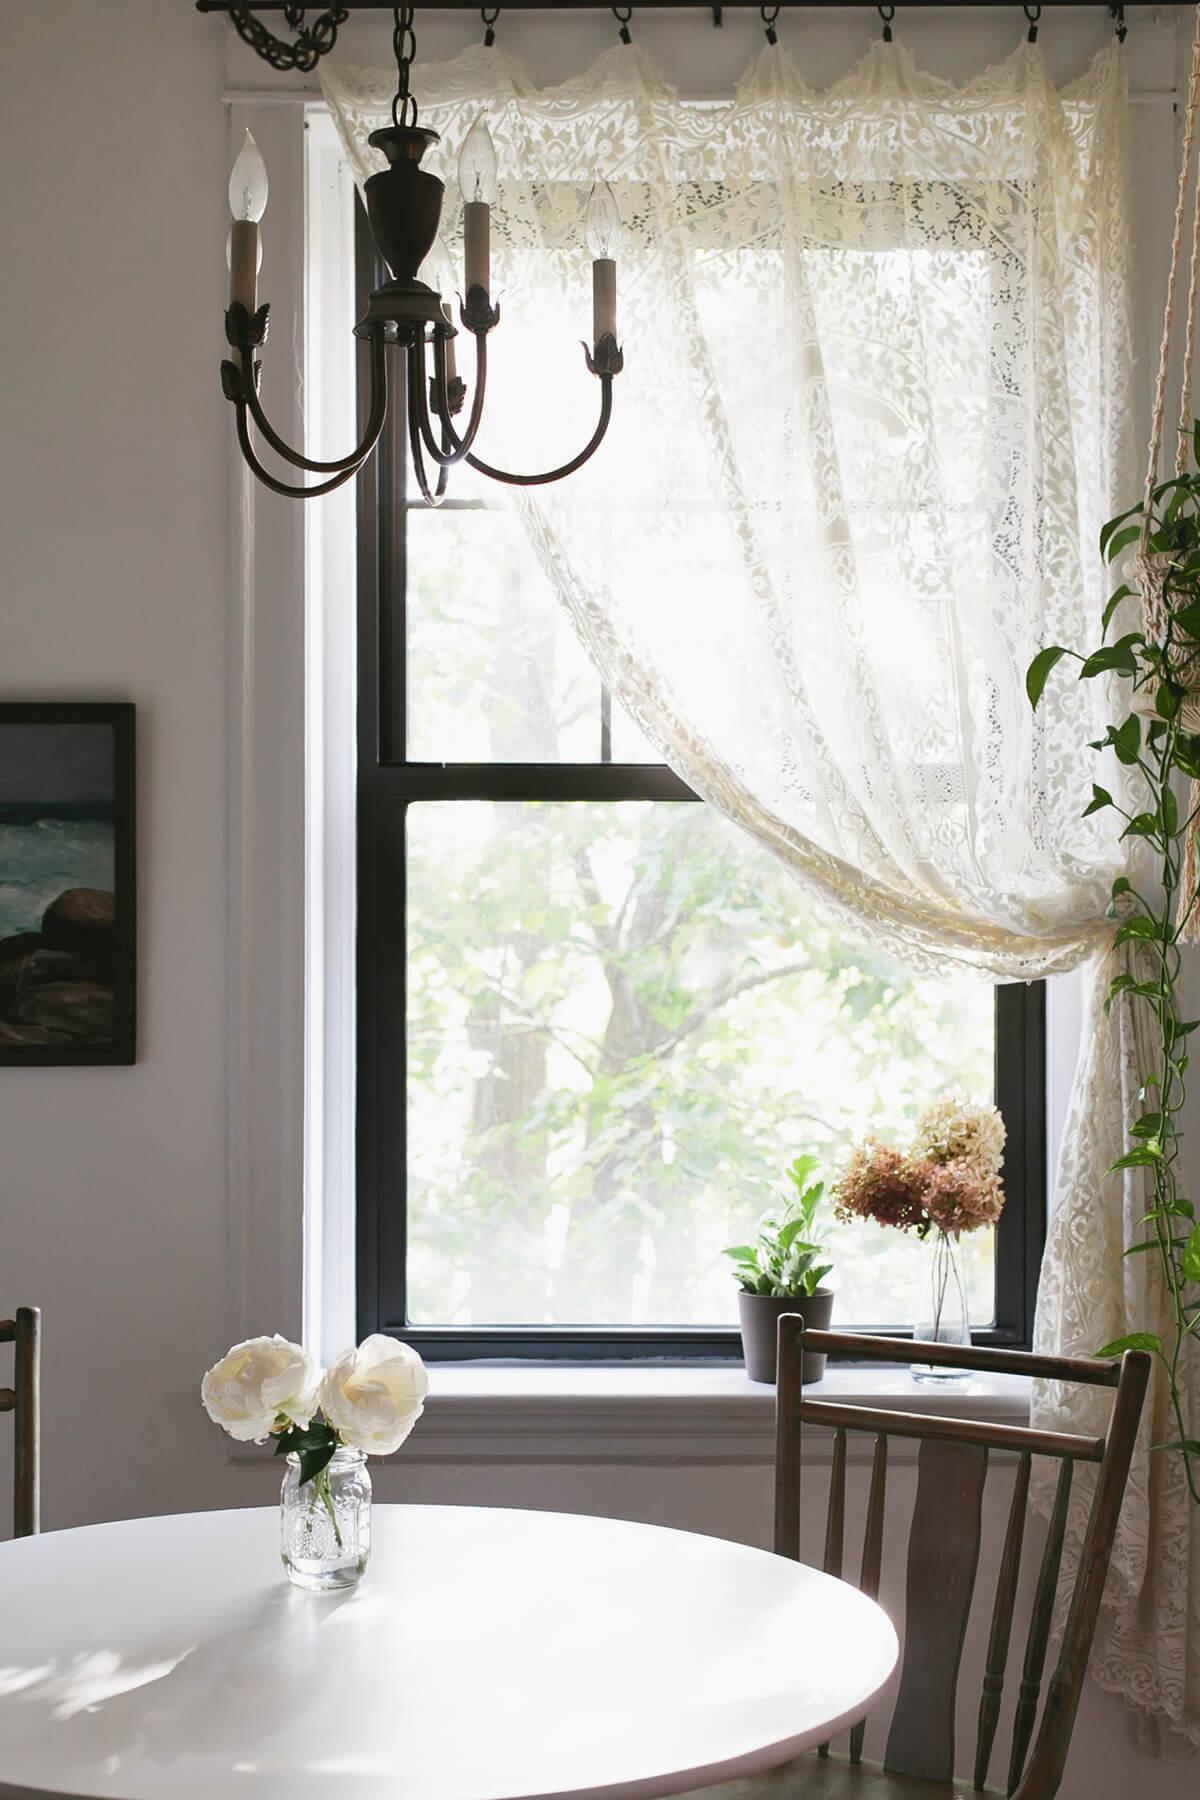 26 Best Farmhouse Window Treatment Ideas and Designs for 2020 on Farmhouse Dining Room Curtain Ideas  id=45721